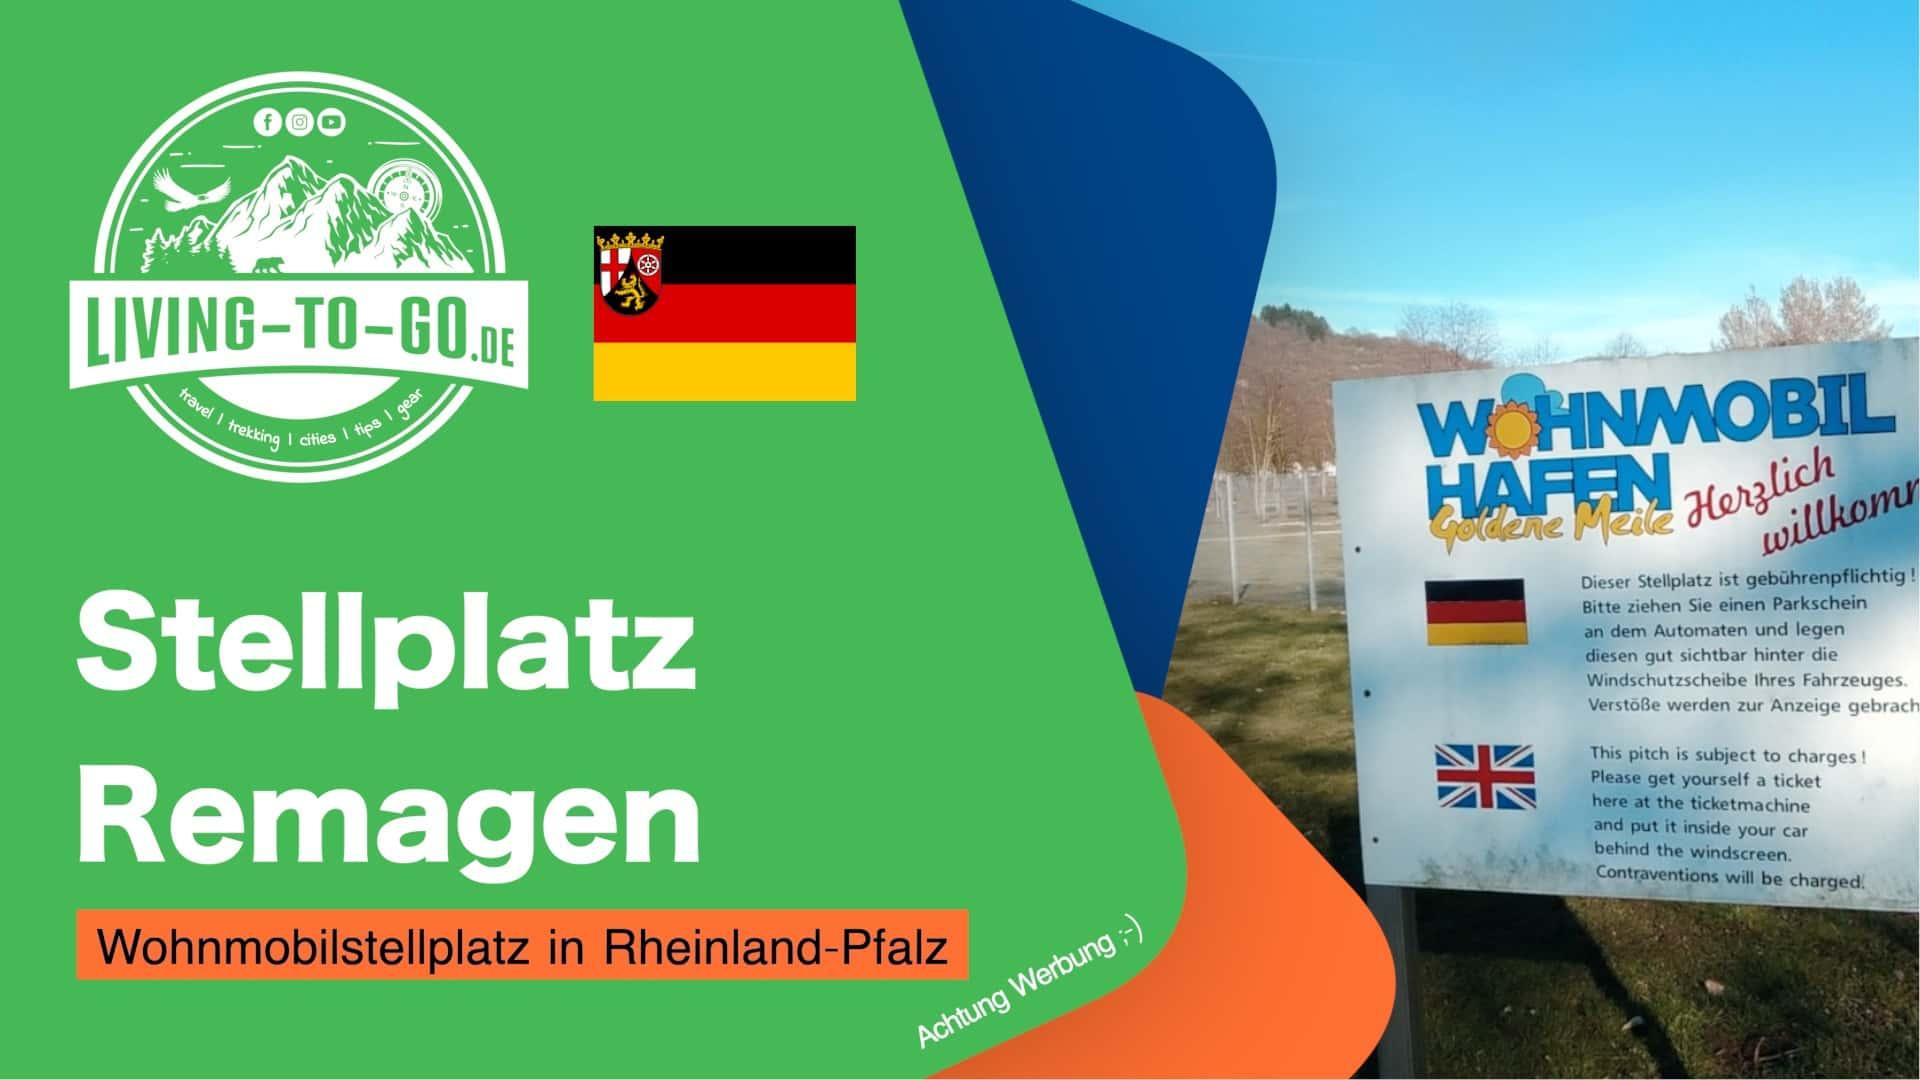 Stellplatz Remagen